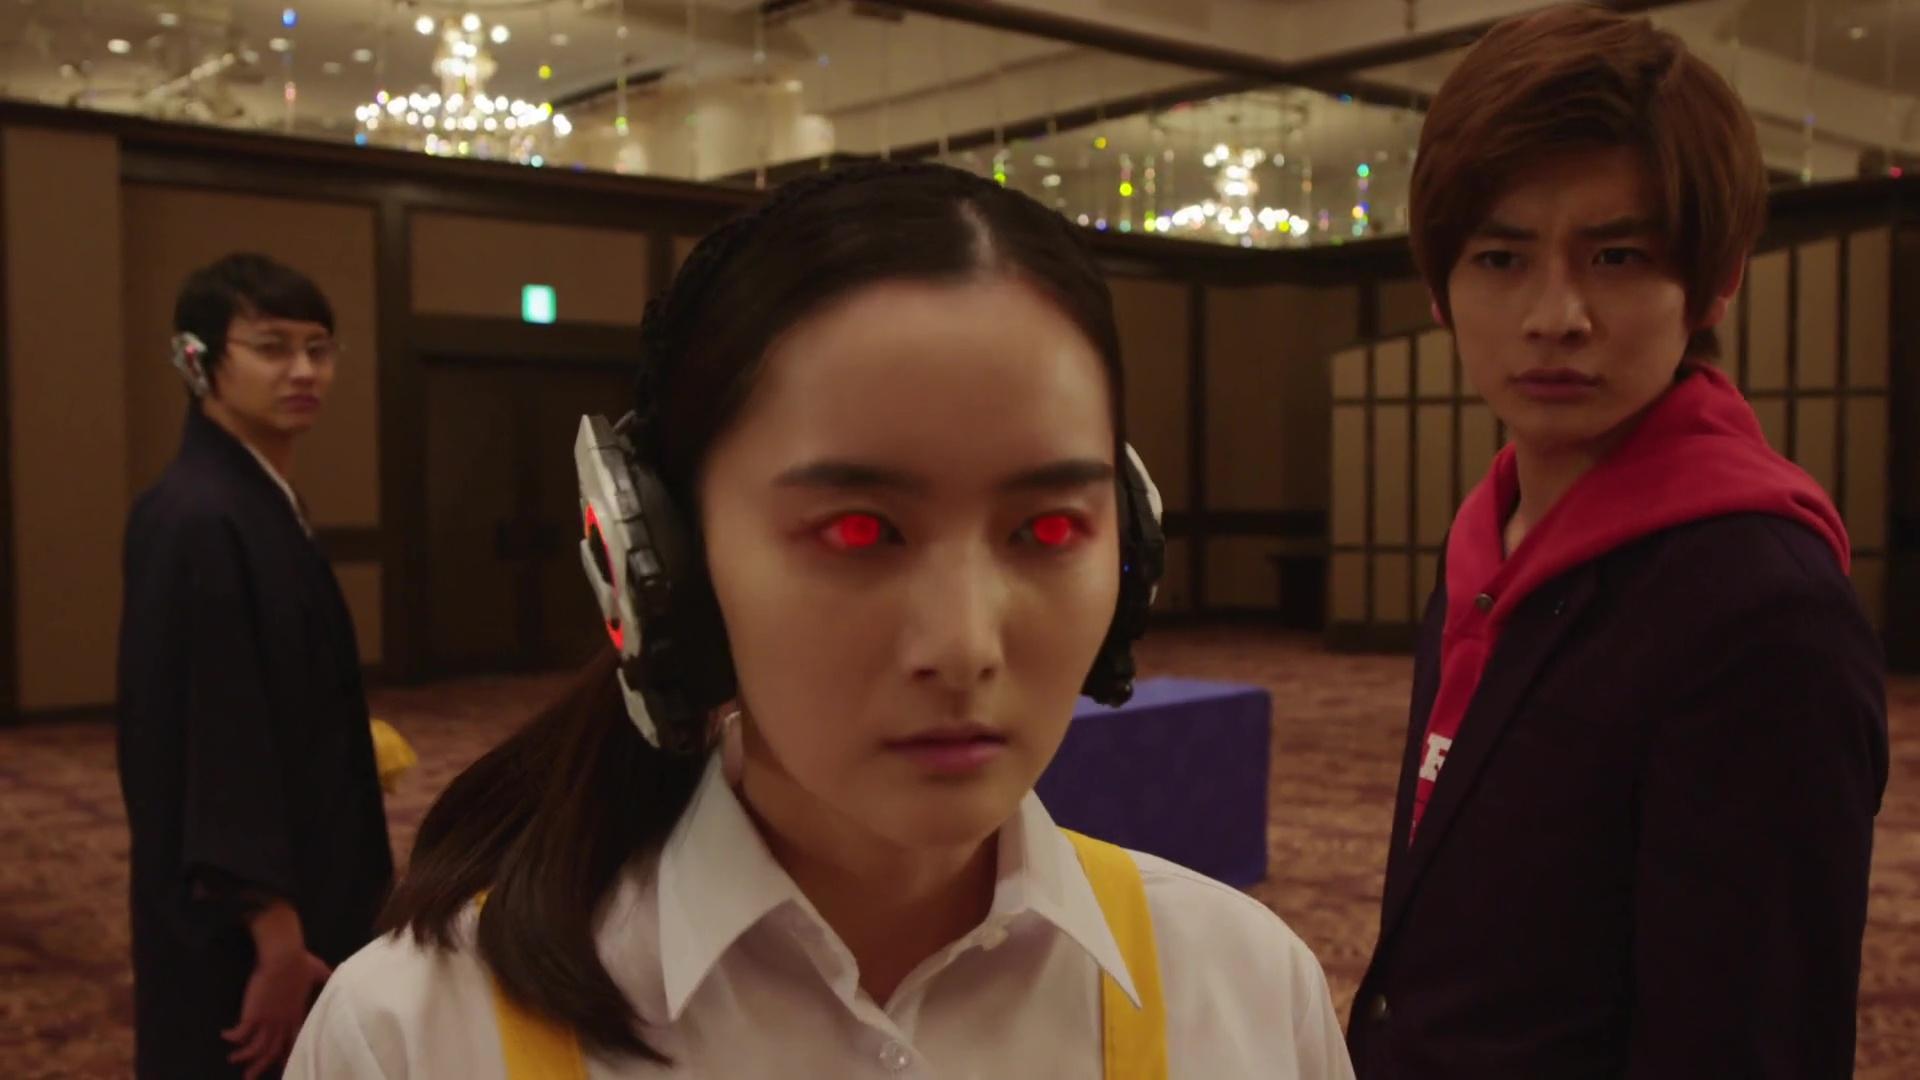 Kamen Rider Zero One Episode 17 Recap